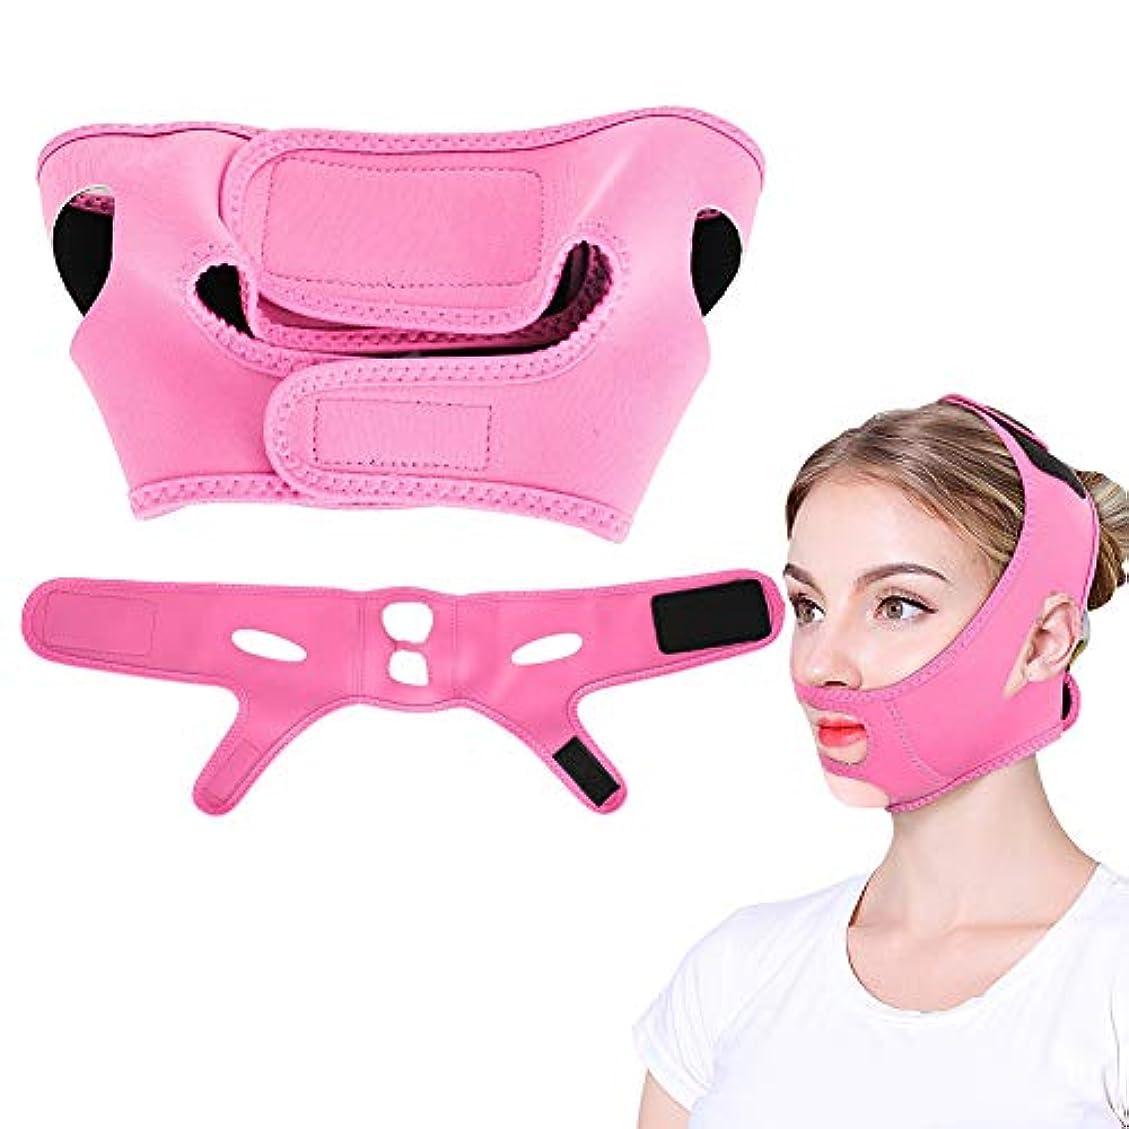 インテリア政策入札フェイススリミング包帯小 顔 美顔 矯正、顎リフト フェイススリミングマスク (ピンク)